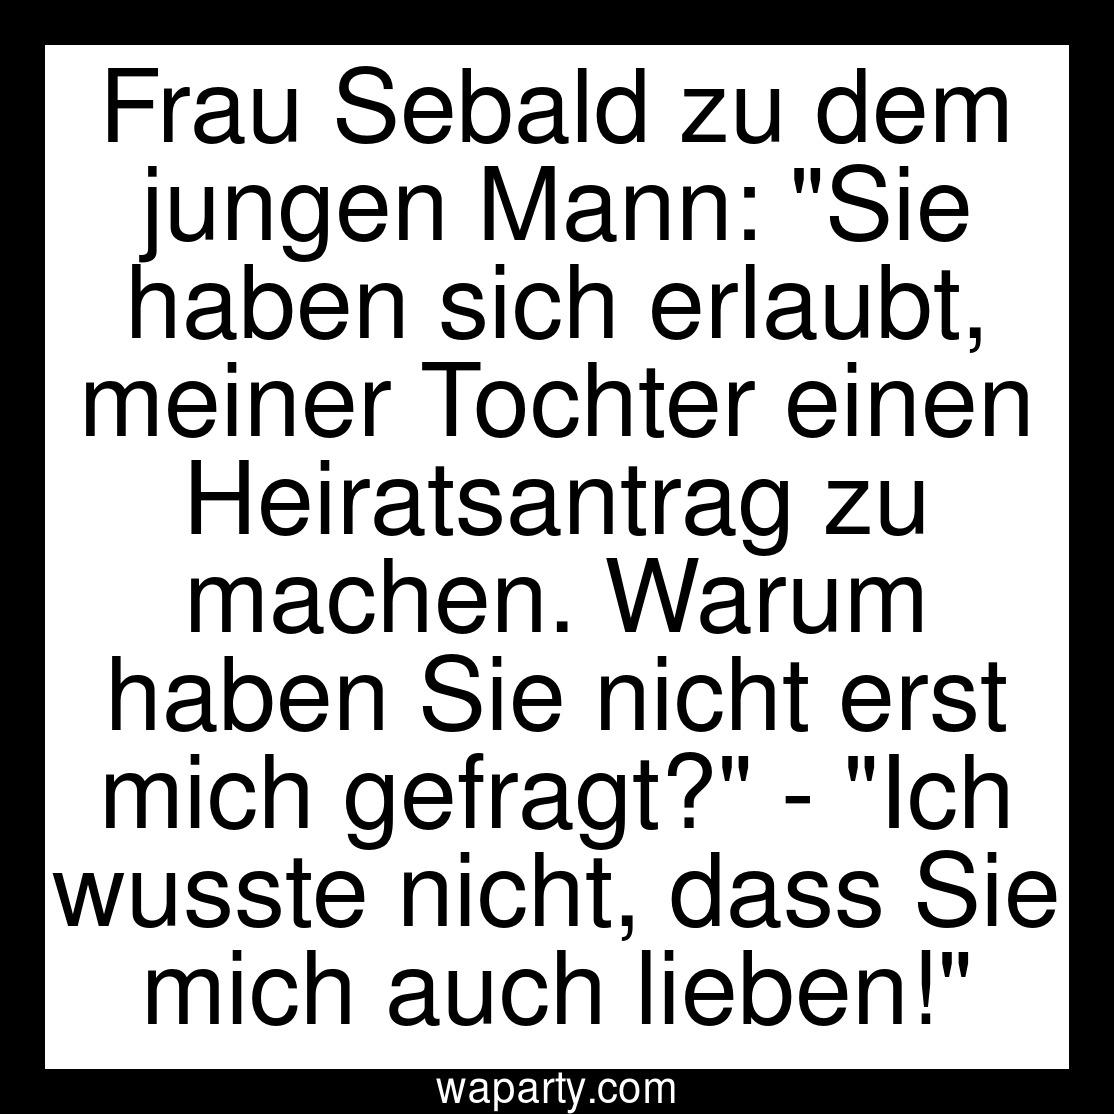 Frau Sebald zu dem jungen Mann: Sie haben sich erlaubt, meiner Tochter einen Heiratsantrag zu machen. Warum haben Sie nicht erst mich gefragt? - Ich wusste nicht, dass Sie mich auch lieben!